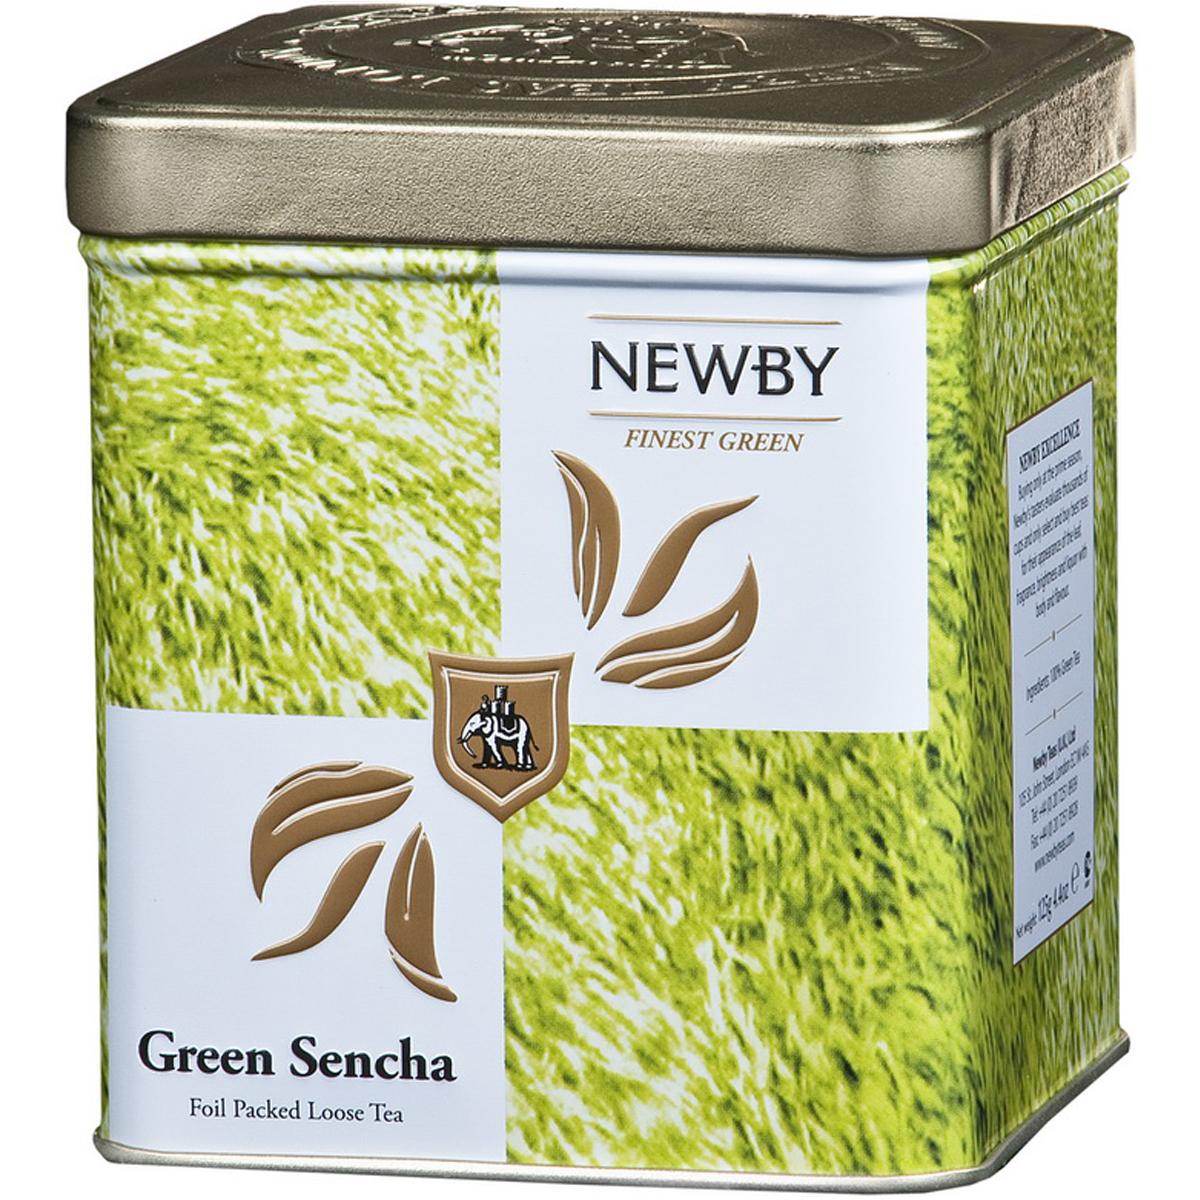 Newby Green Sencha Safari зеленый листовой чай, 125 г0120710Собранные ранней весной, чайные листья этого самого популярного сорта зеленого чая Newby Green Sencha Safari обрабатываются паром, что позволяет сохранить их первозданную свежесть. Обладает насыщенным превосходным ароматом риса.